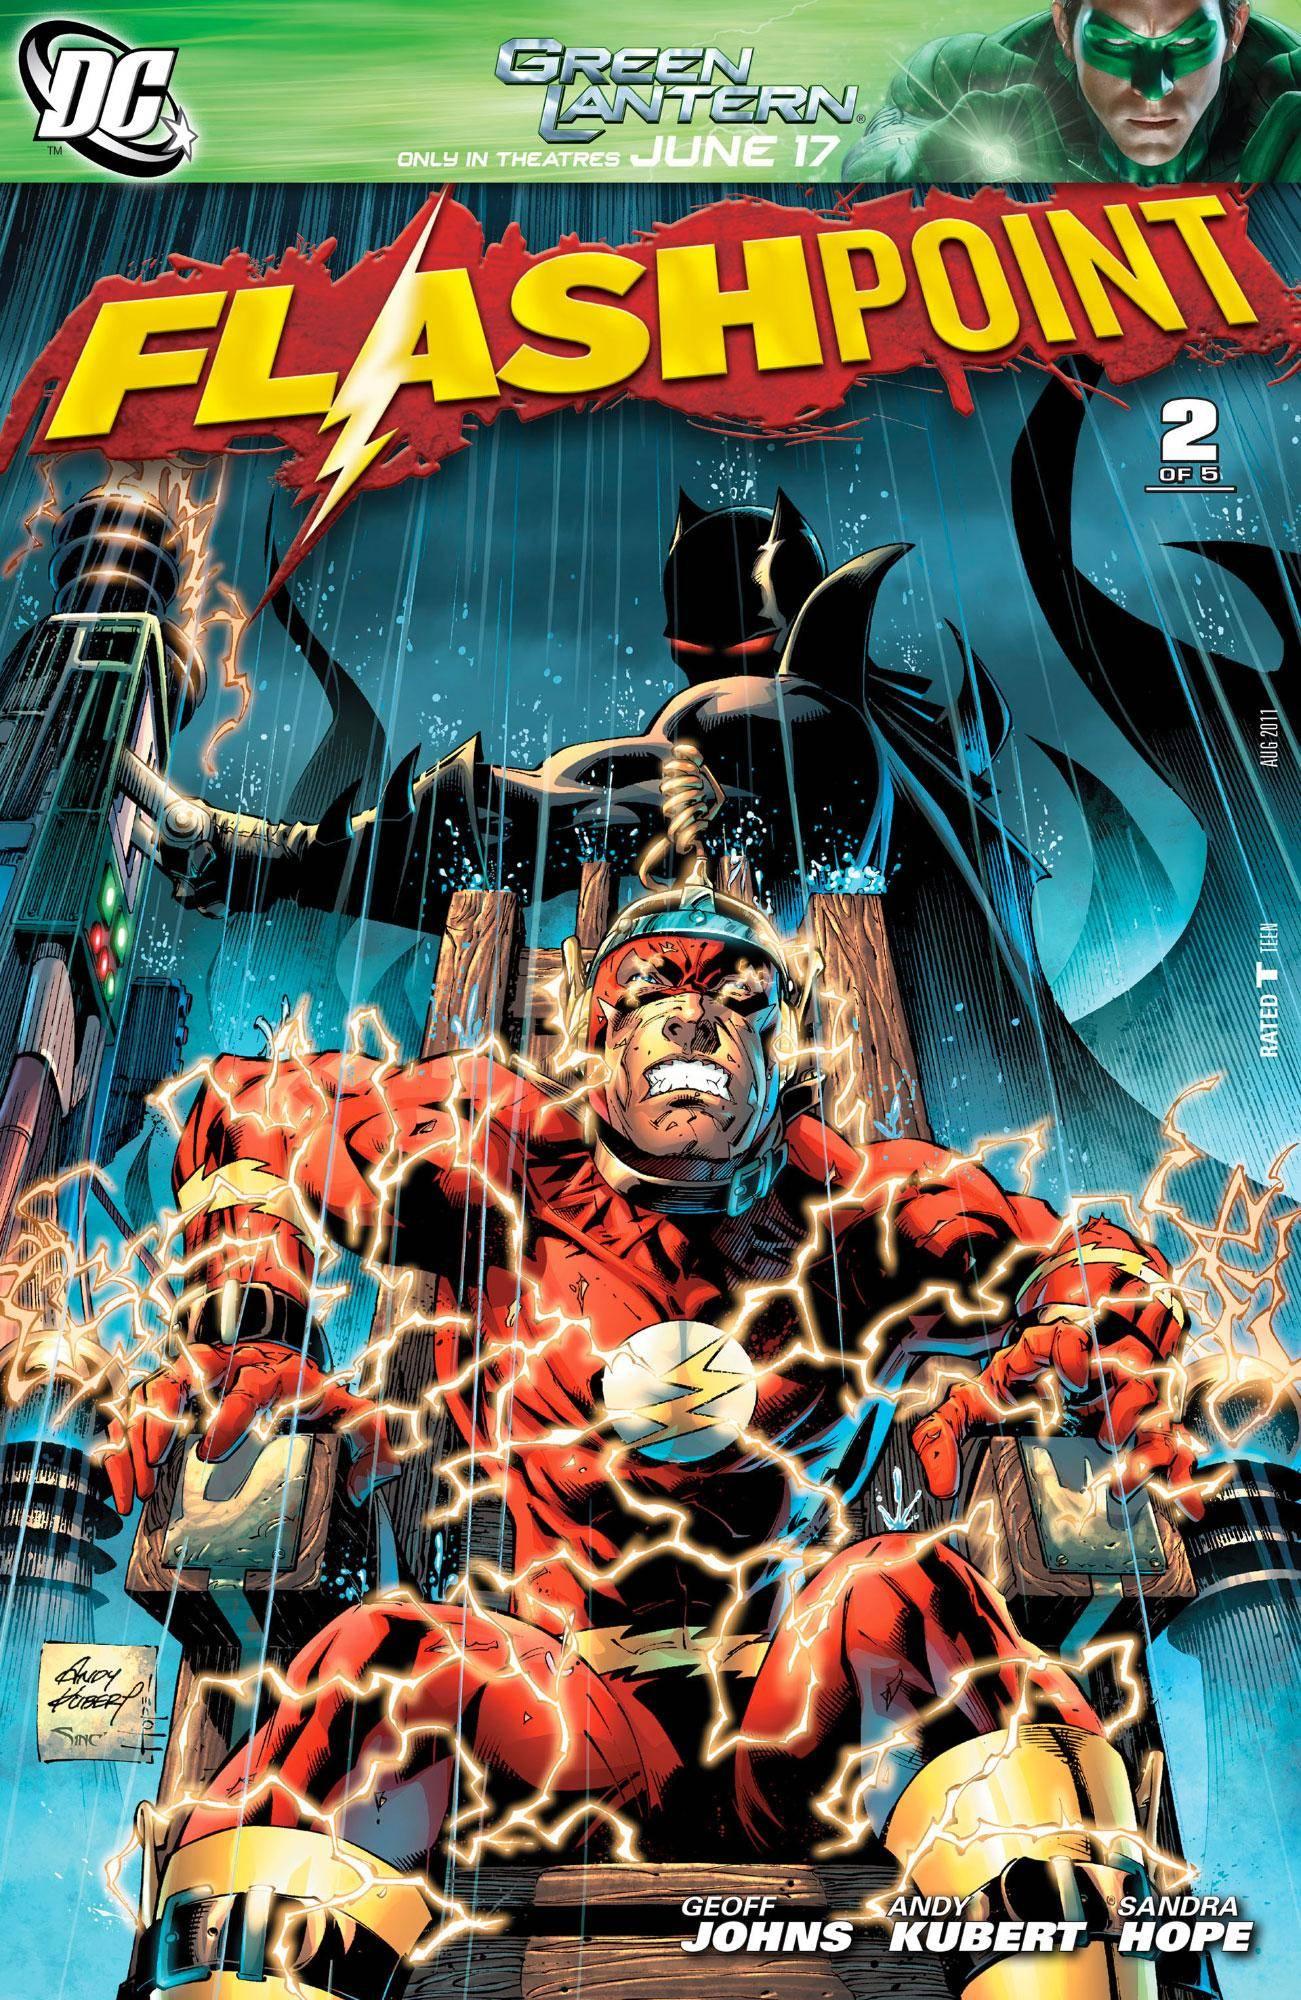 Flash 2009-OYATM 33 of 51Flash 2011-08 Flashpoint 002 digital